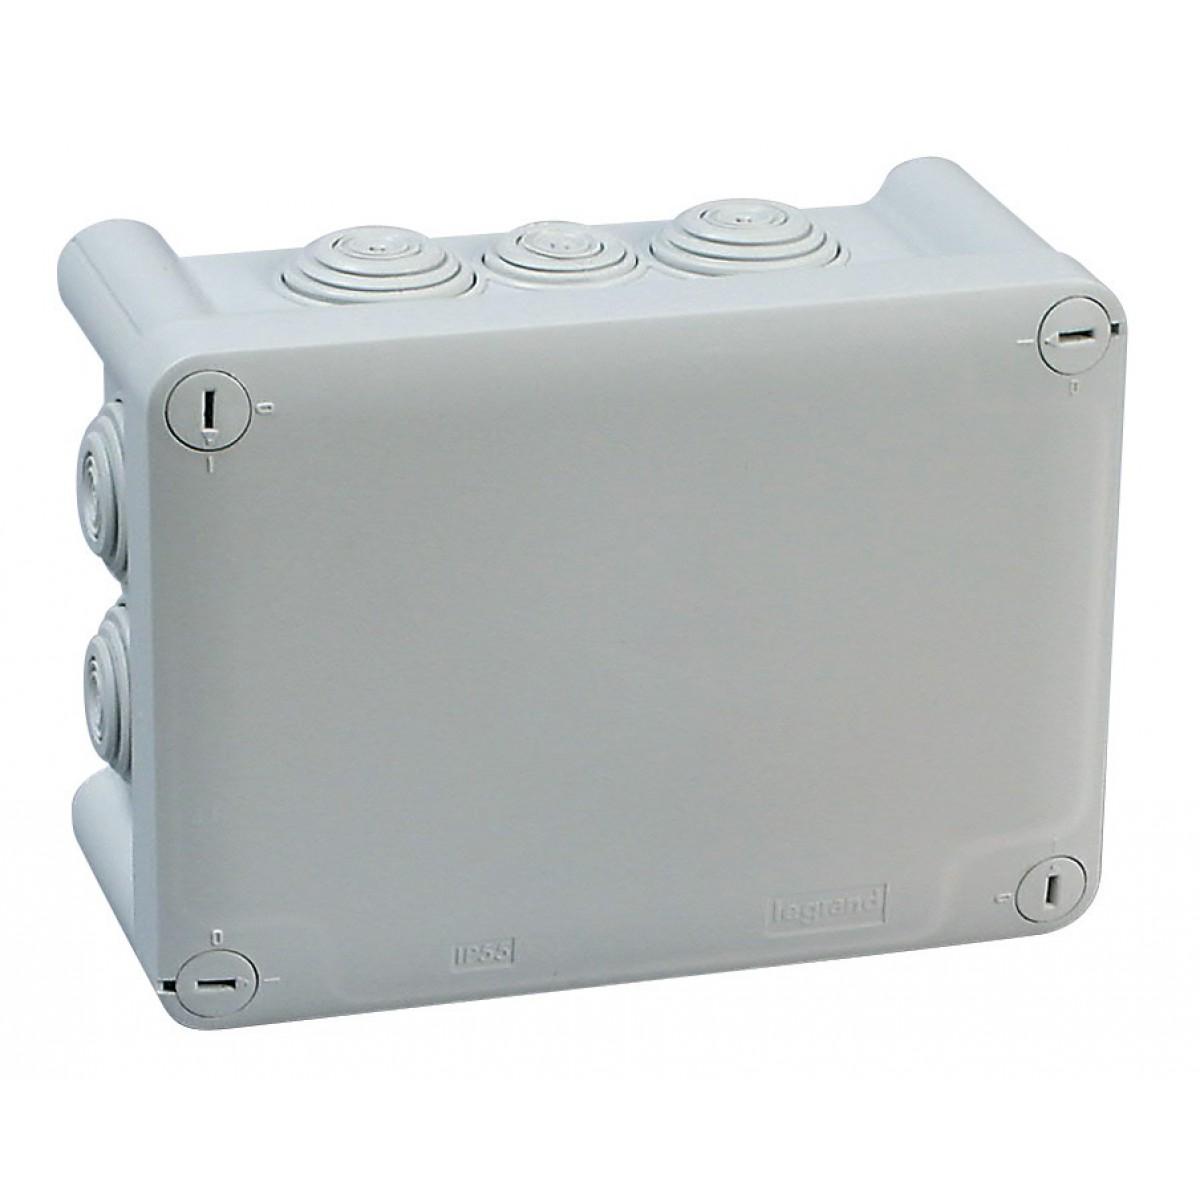 Boîte de dérivation Plexo rectangulaire Legrand - 10 entrées - Dimensions 180 x 140 x 86 mm